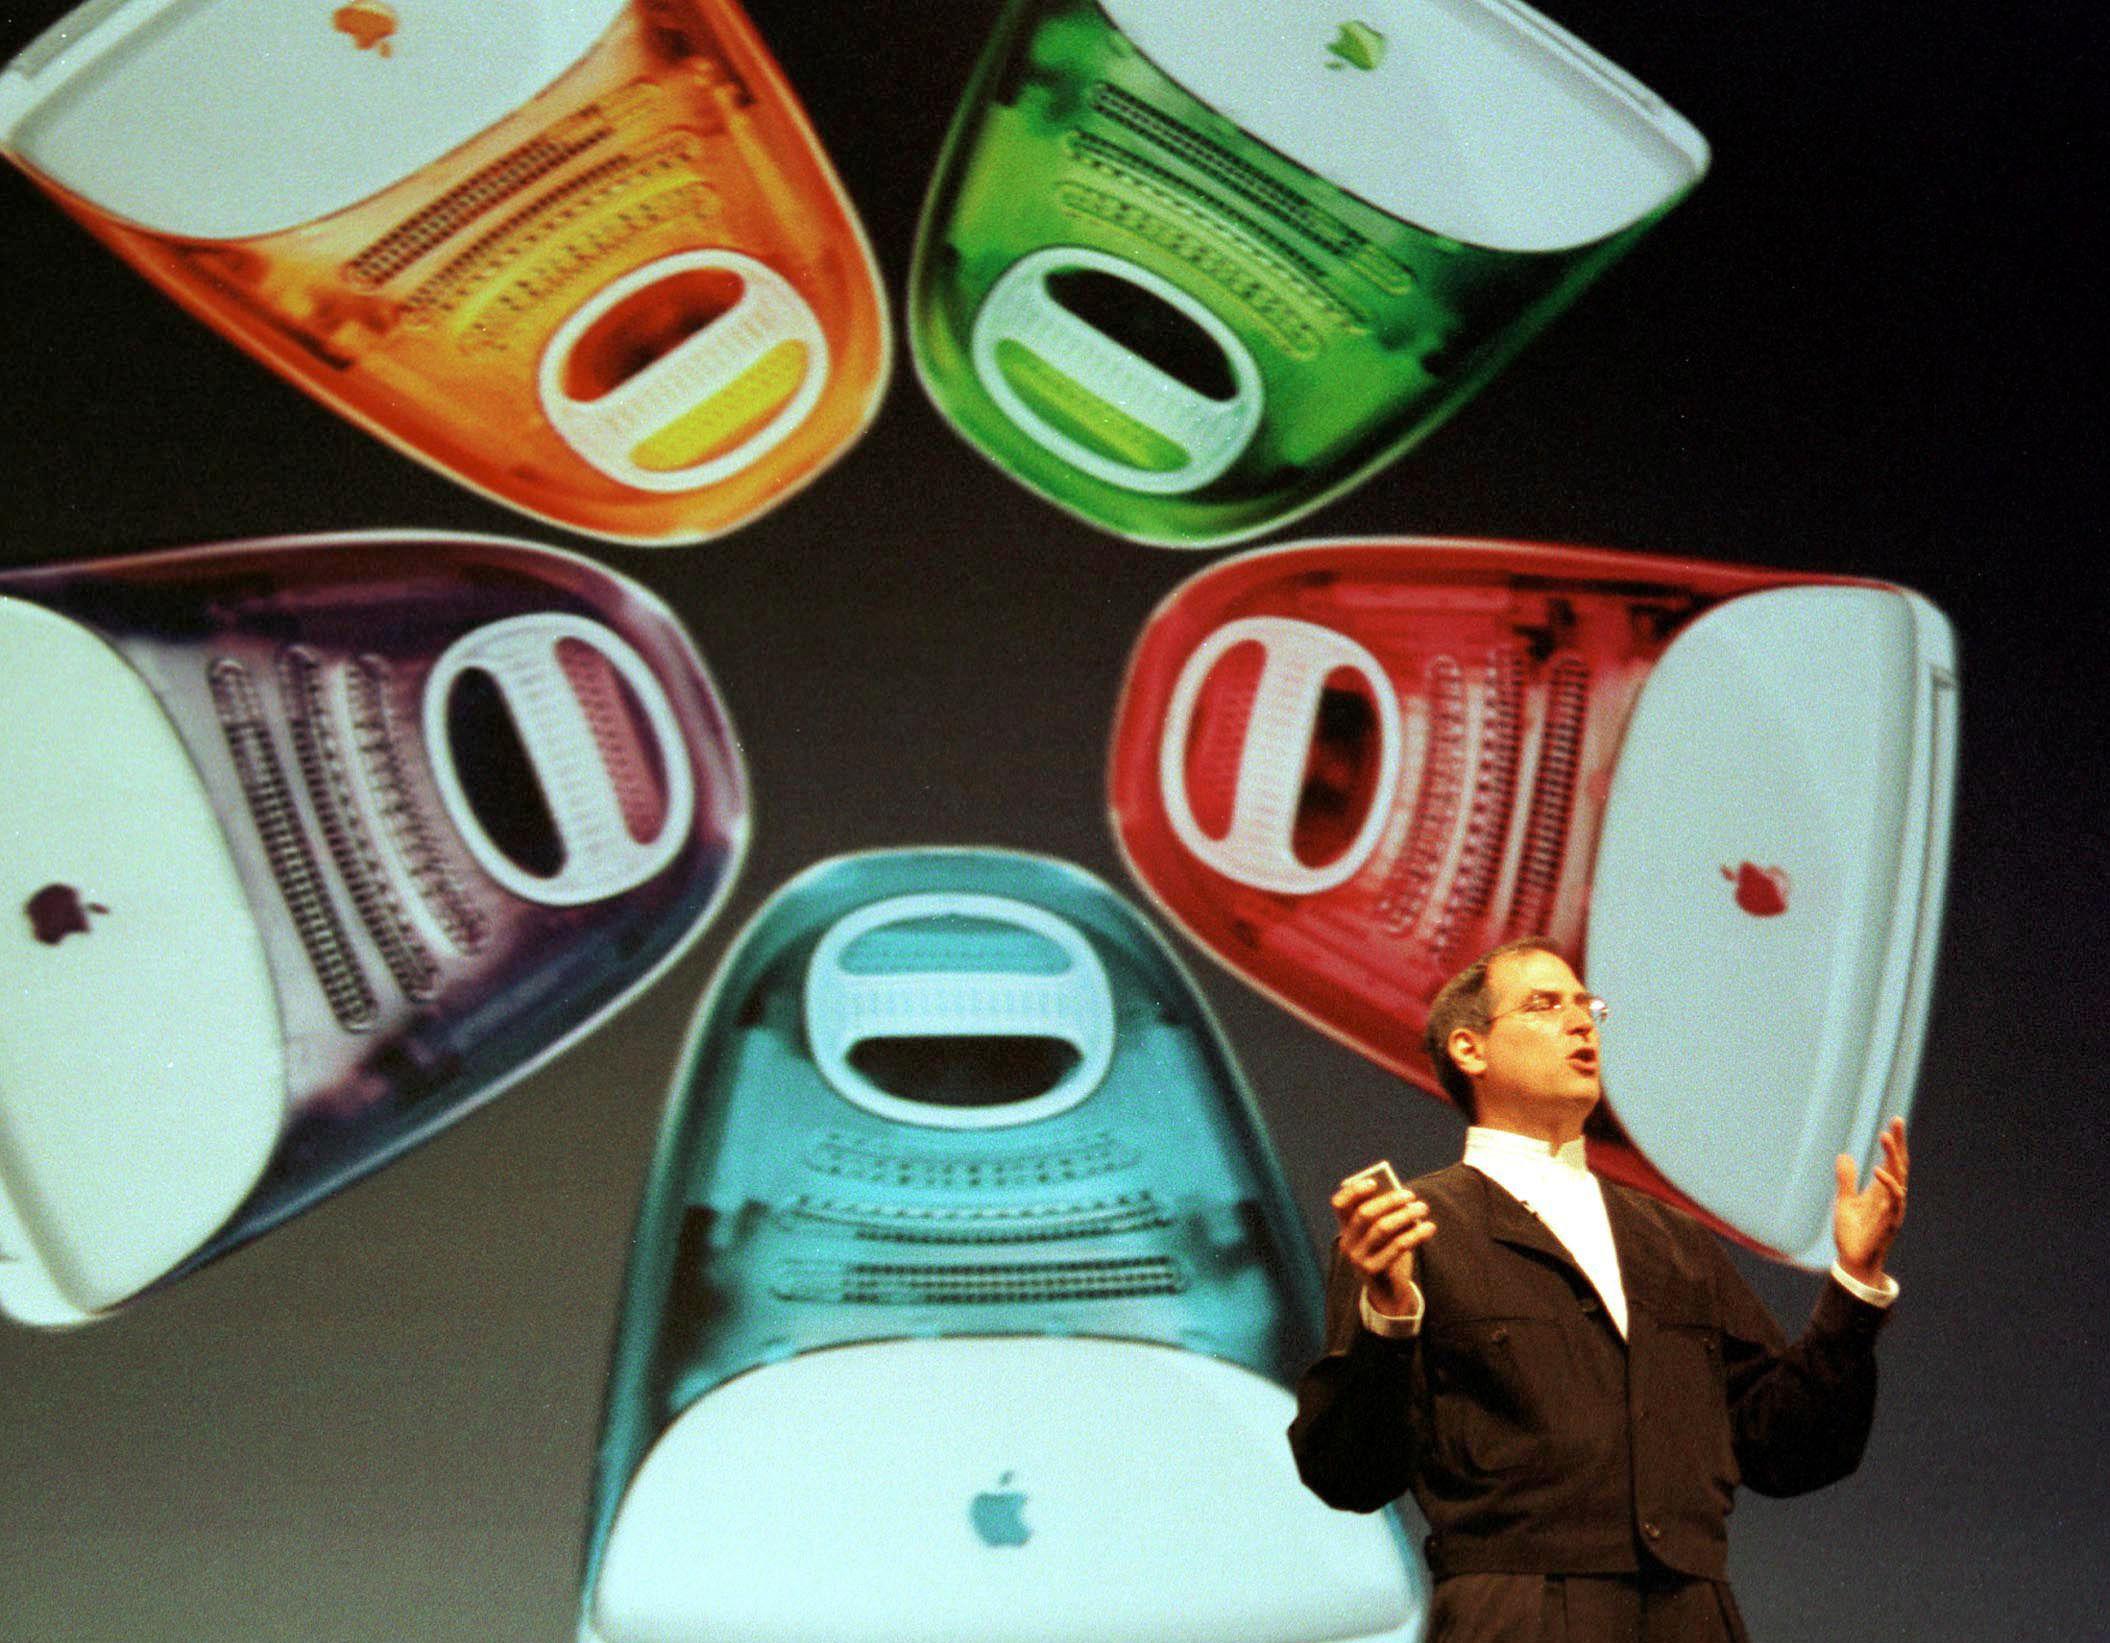 Steve Jobs presenterer iMac G3.Foto: NatGeo